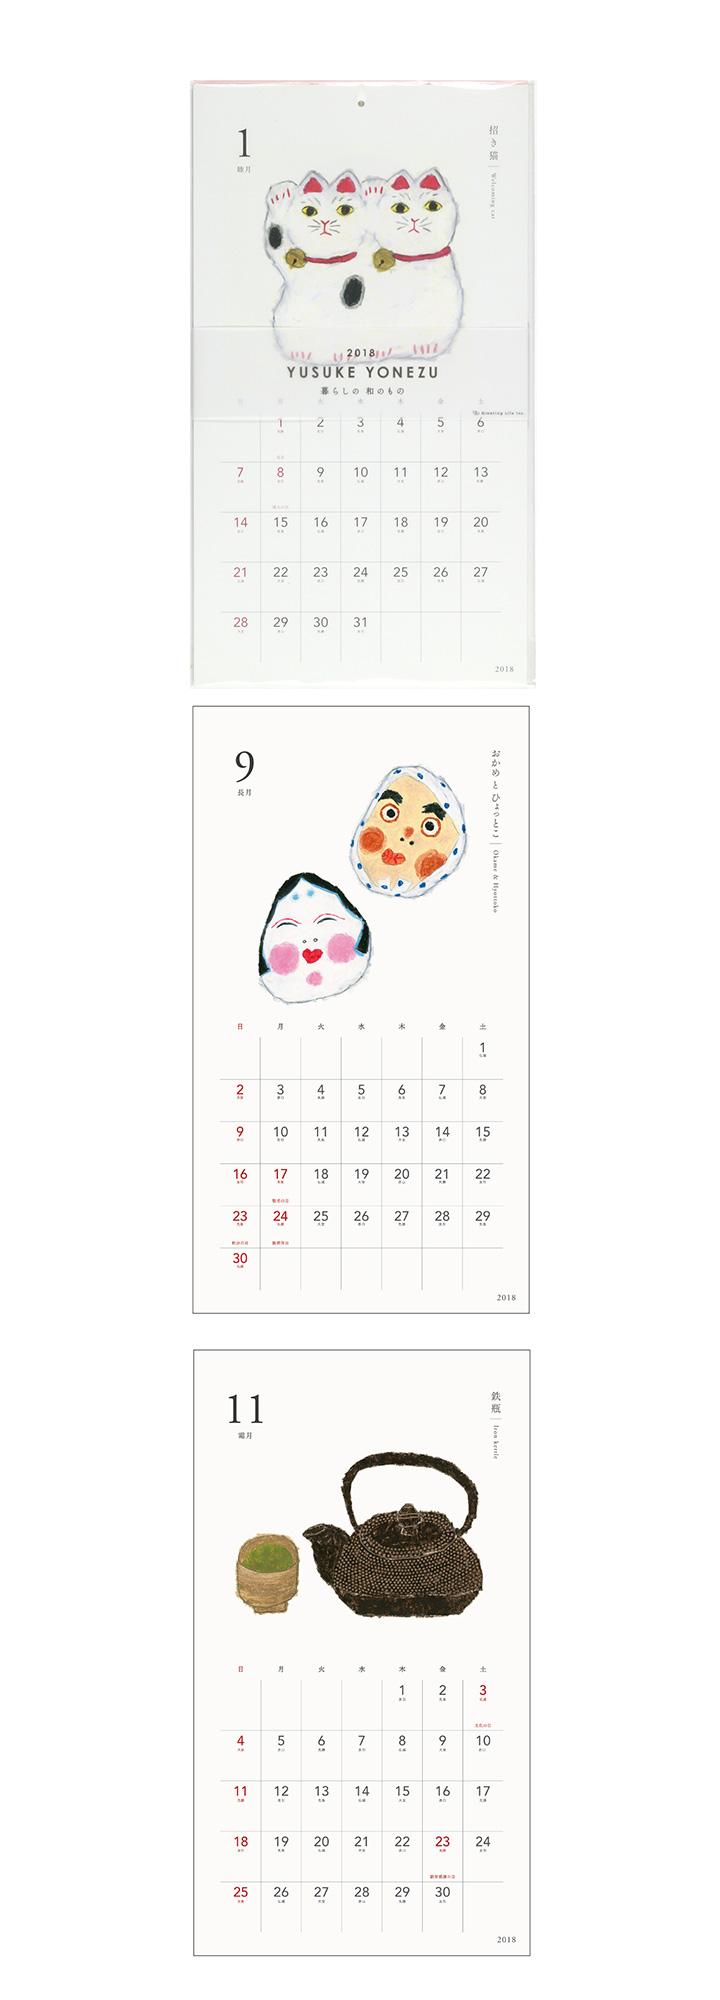 2018 米津祐介 和風壁掛カレンダー